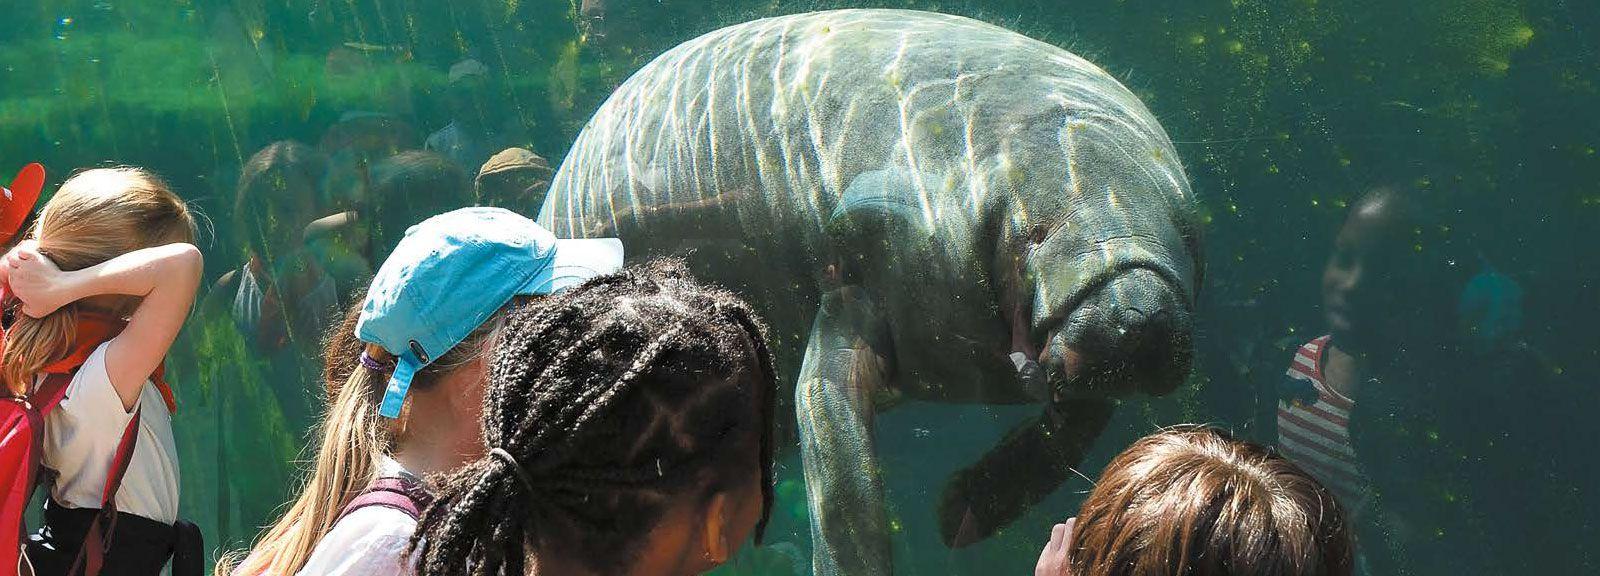 Le public devant le lamantin au Parc Zoologique de Paris © MNHN - F-G. Grandin